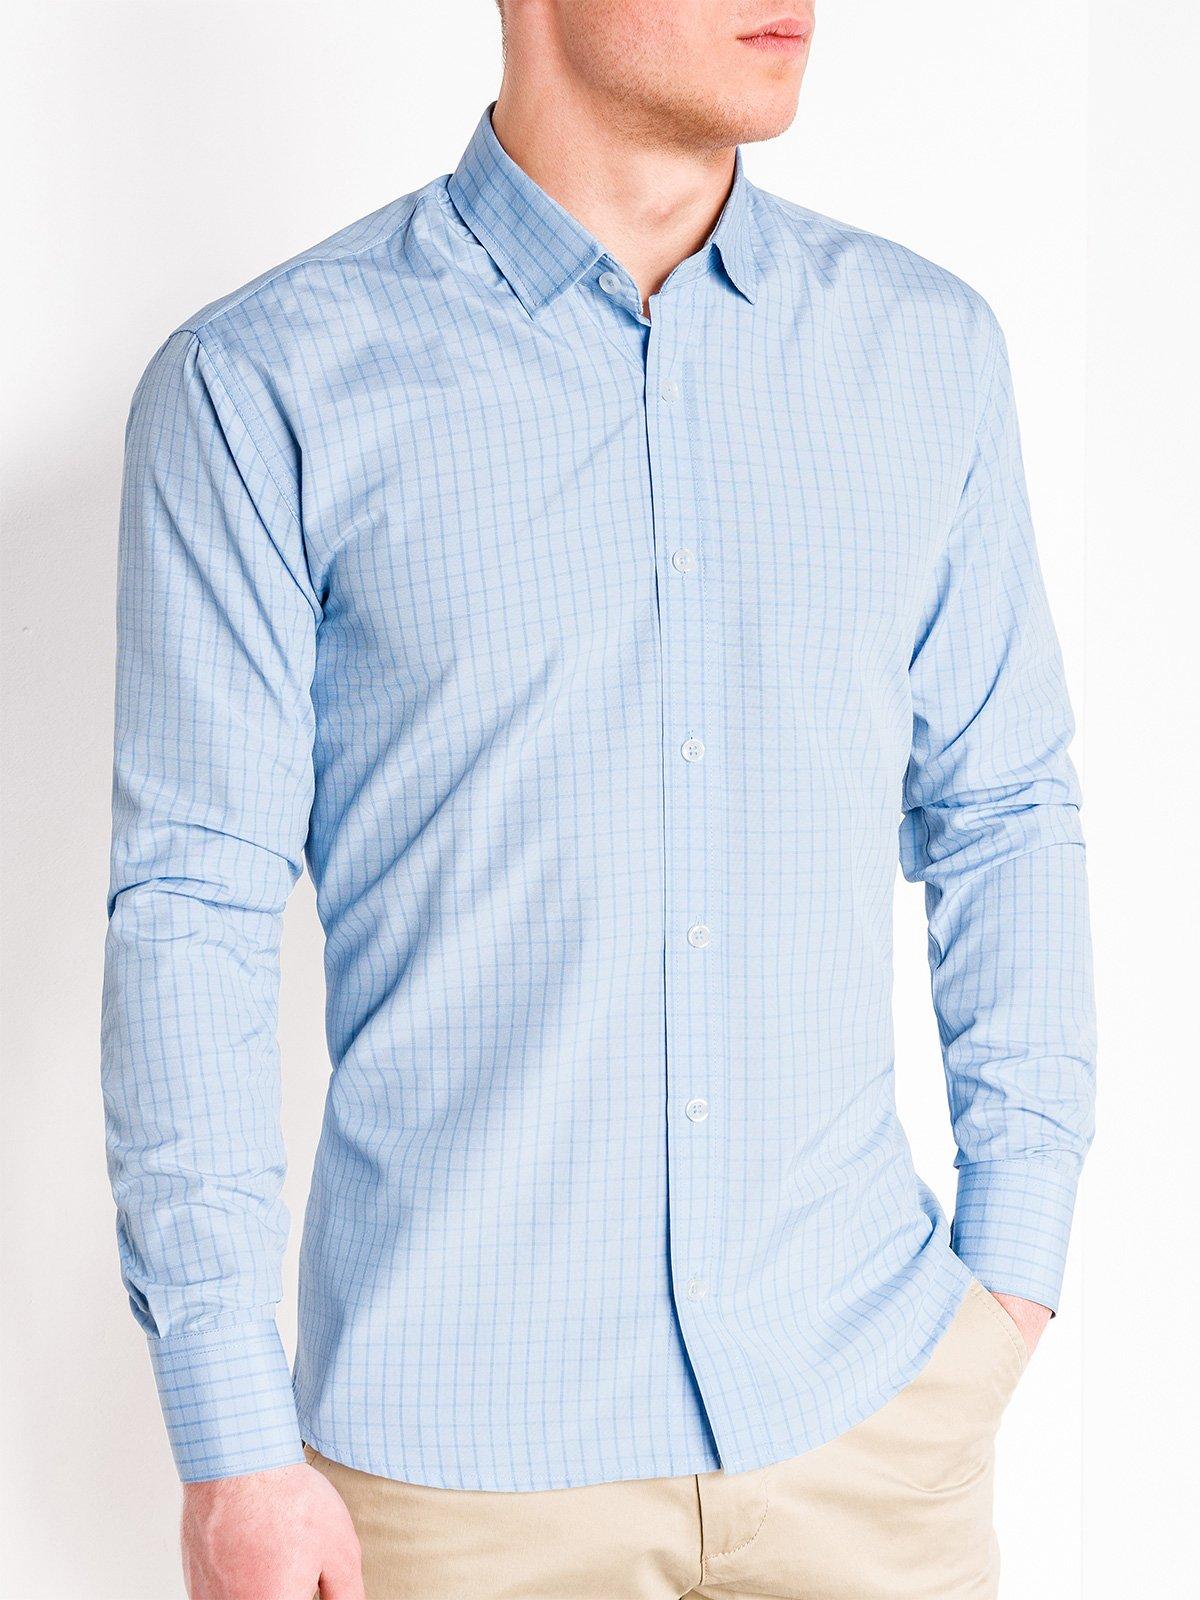 4136d37624ca Мужская рубашка в клеточку с длинным рукавом K446 - голубая голубой ...